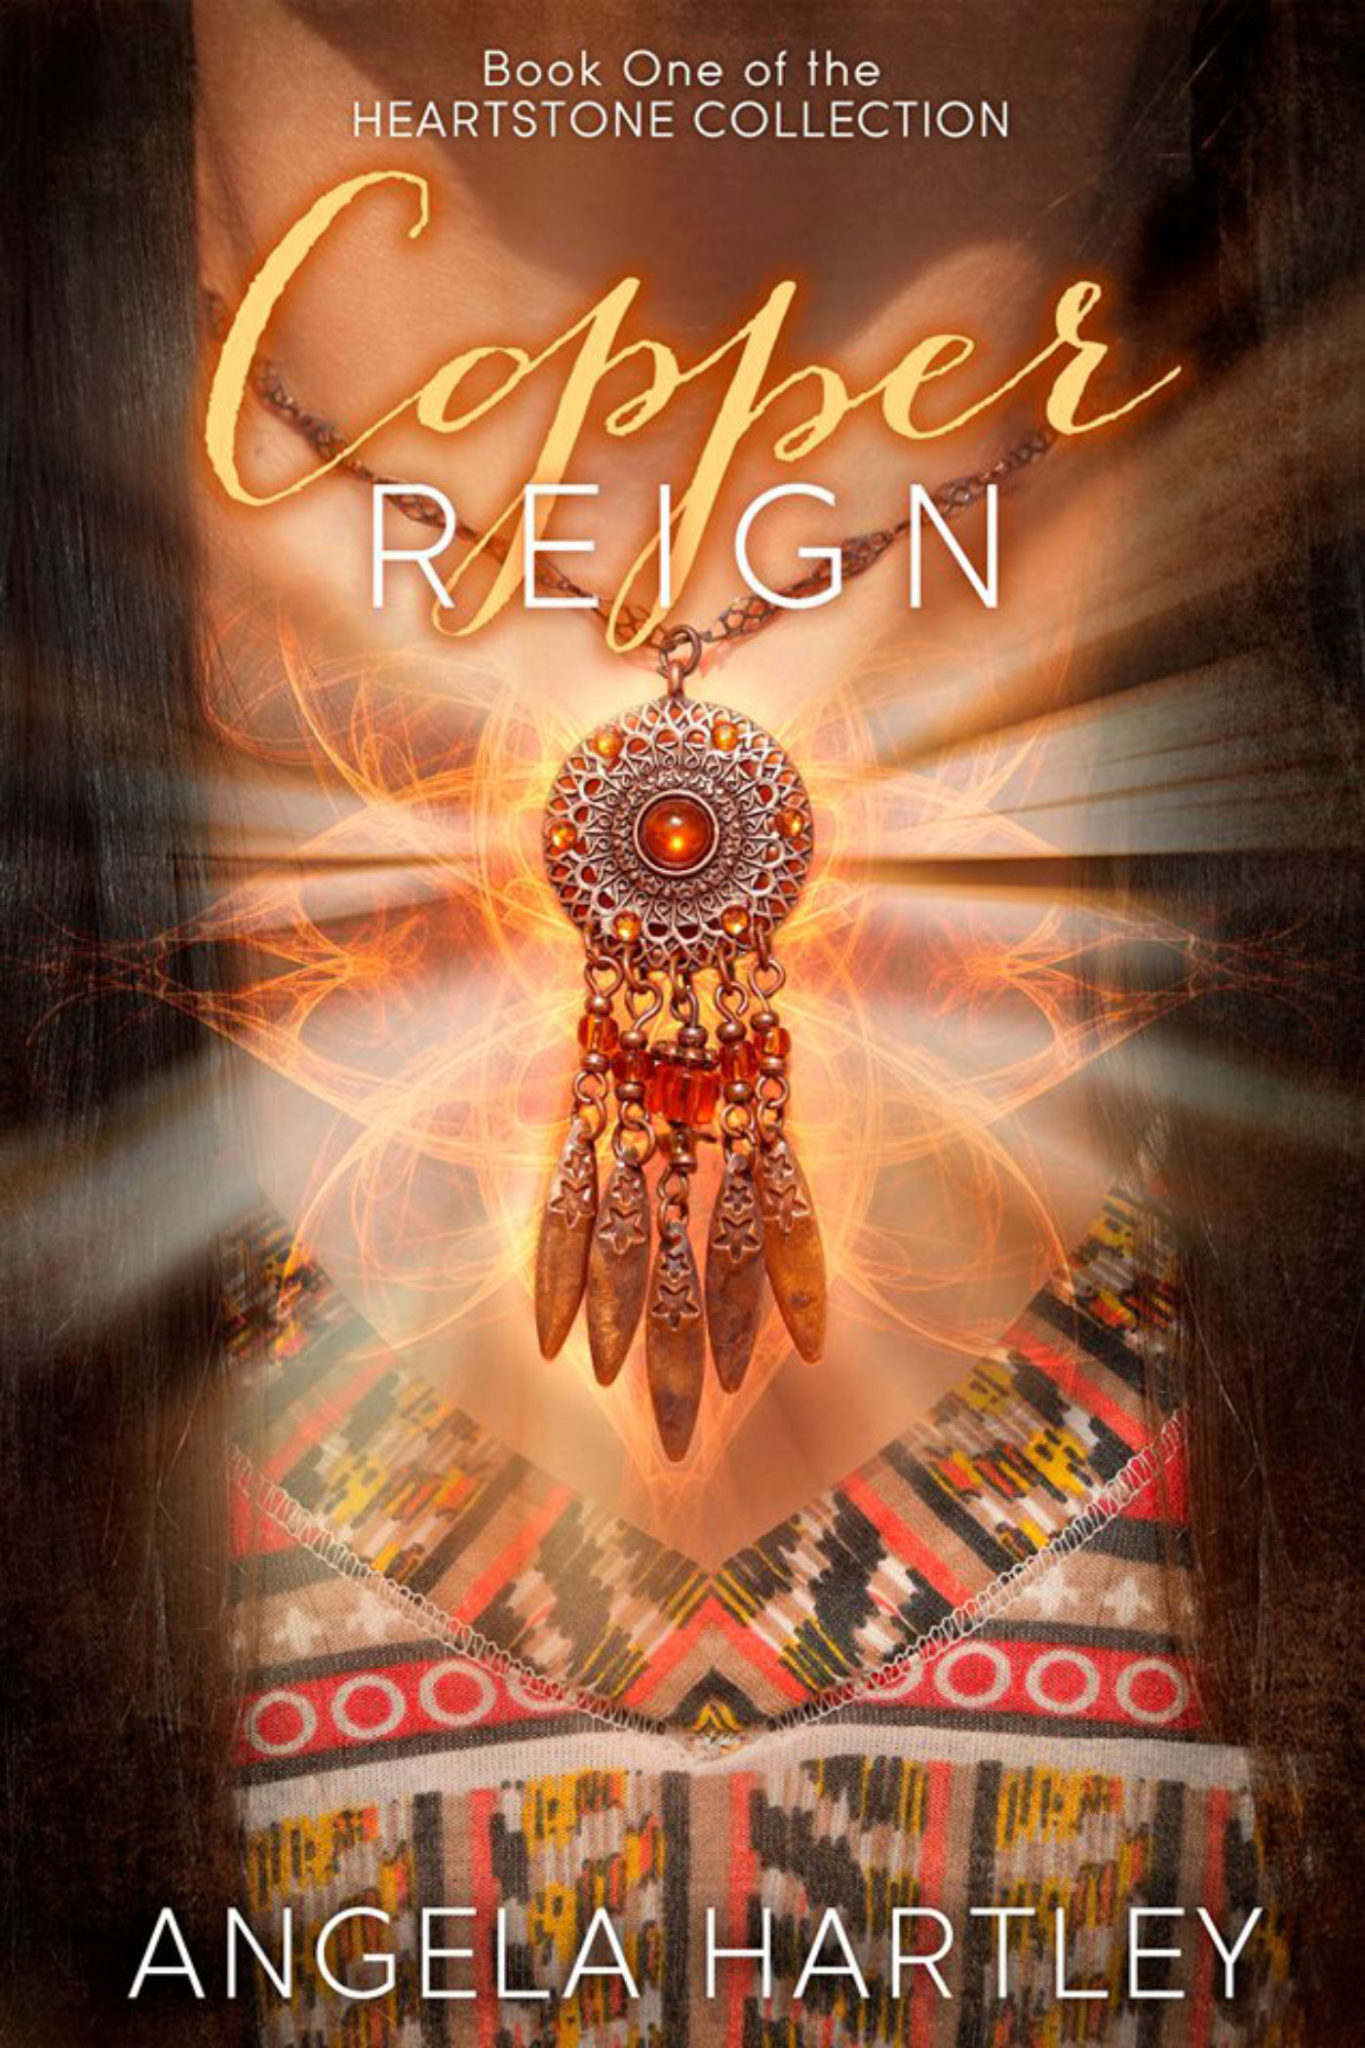 Copper-Reign-1400-x-2100